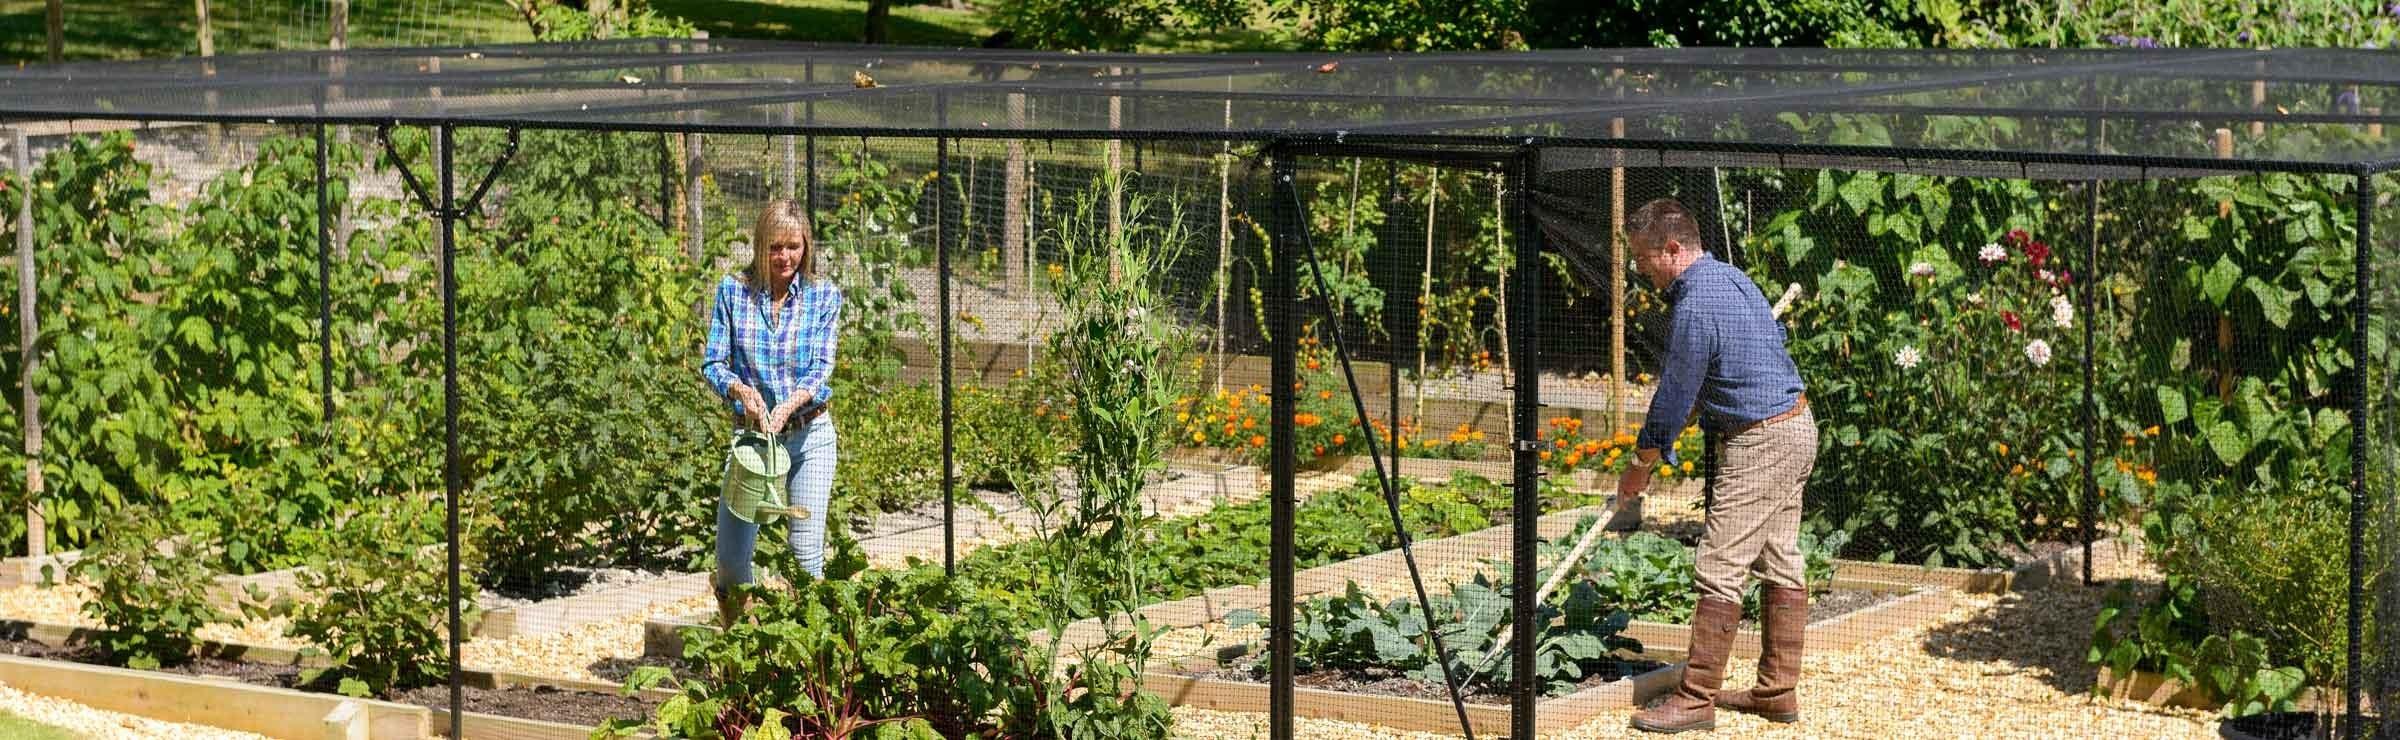 Fruit Cage - Harrod Horticultural